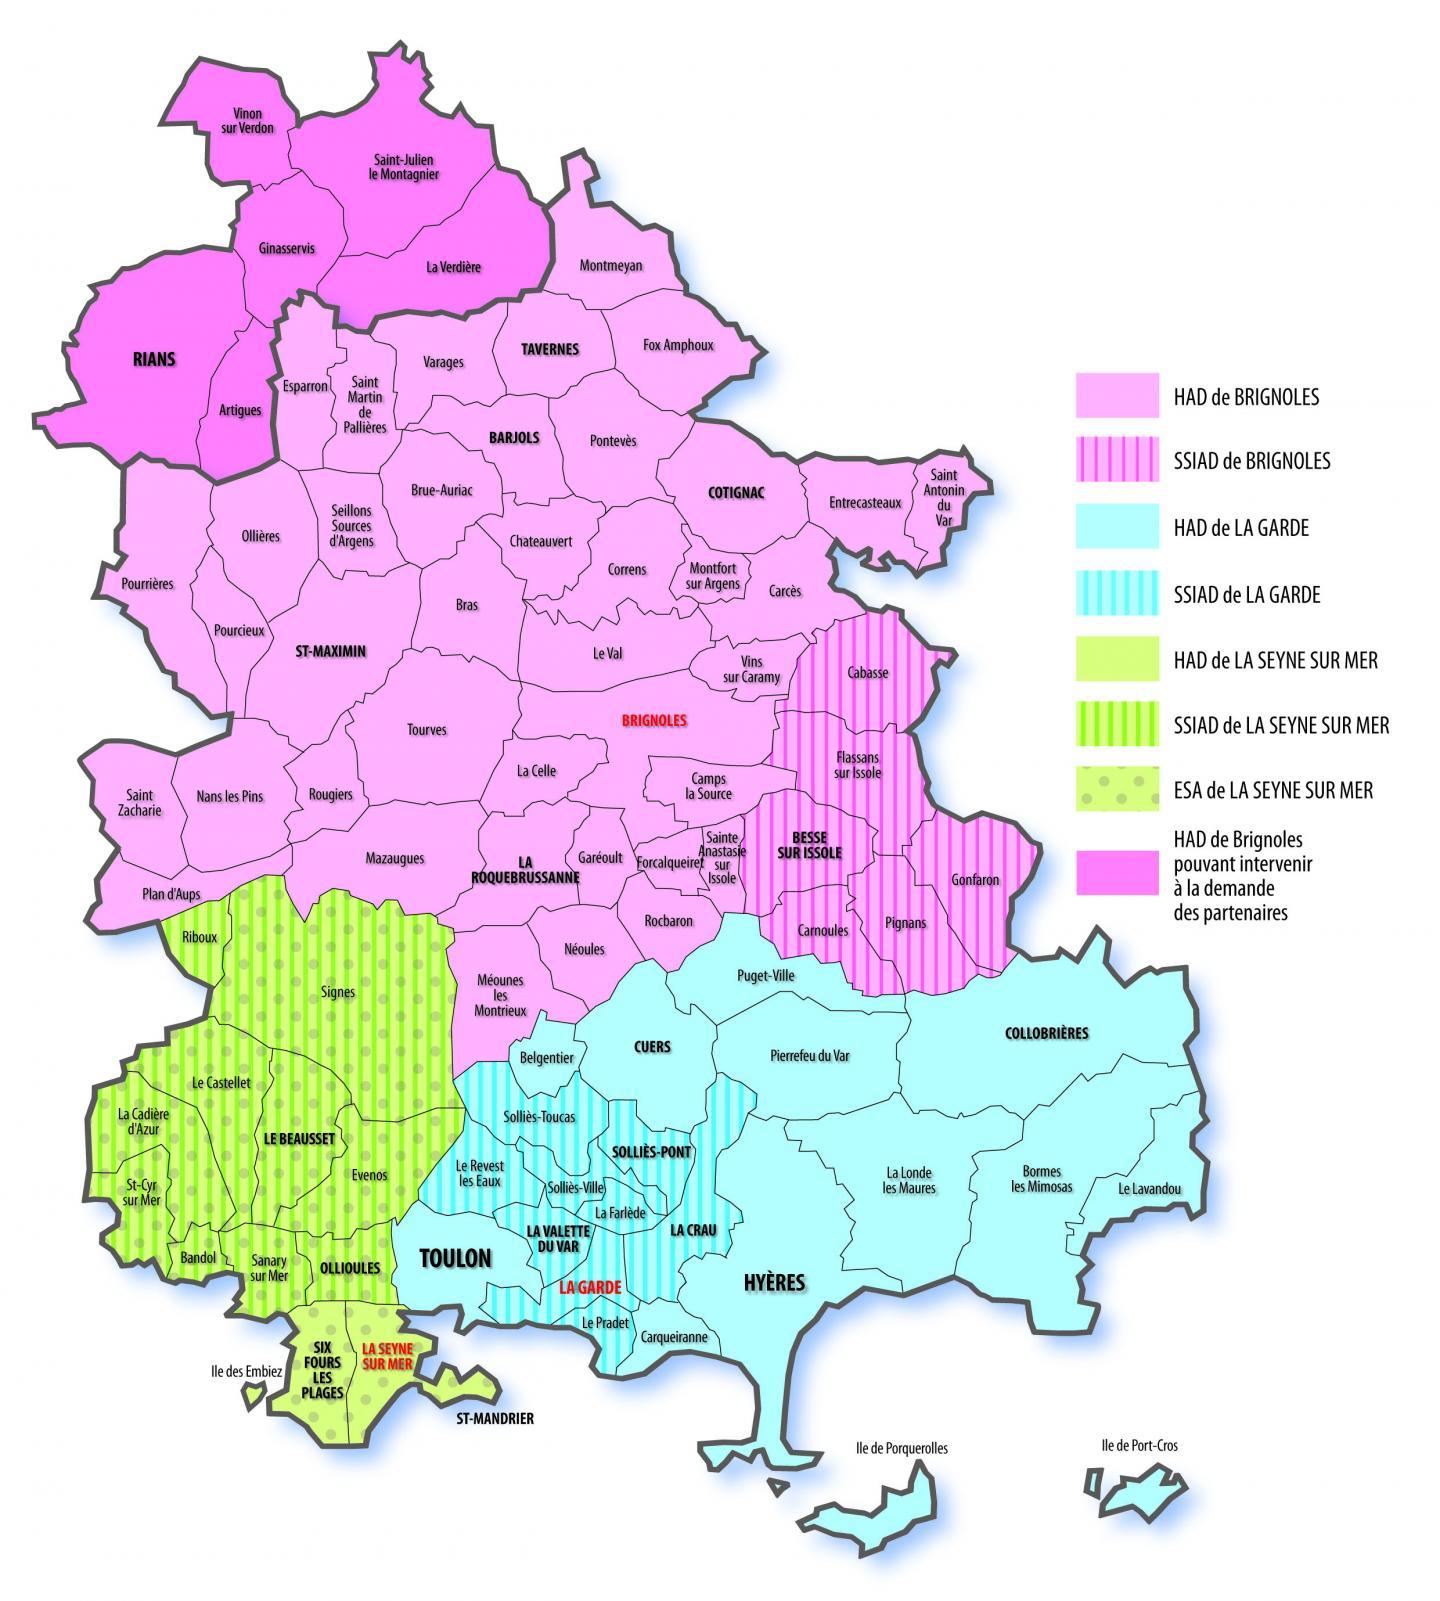 Les secteurs d'interventions de Santé et Solidarité du Var et les antennes (en rouge) dont ils dépendent